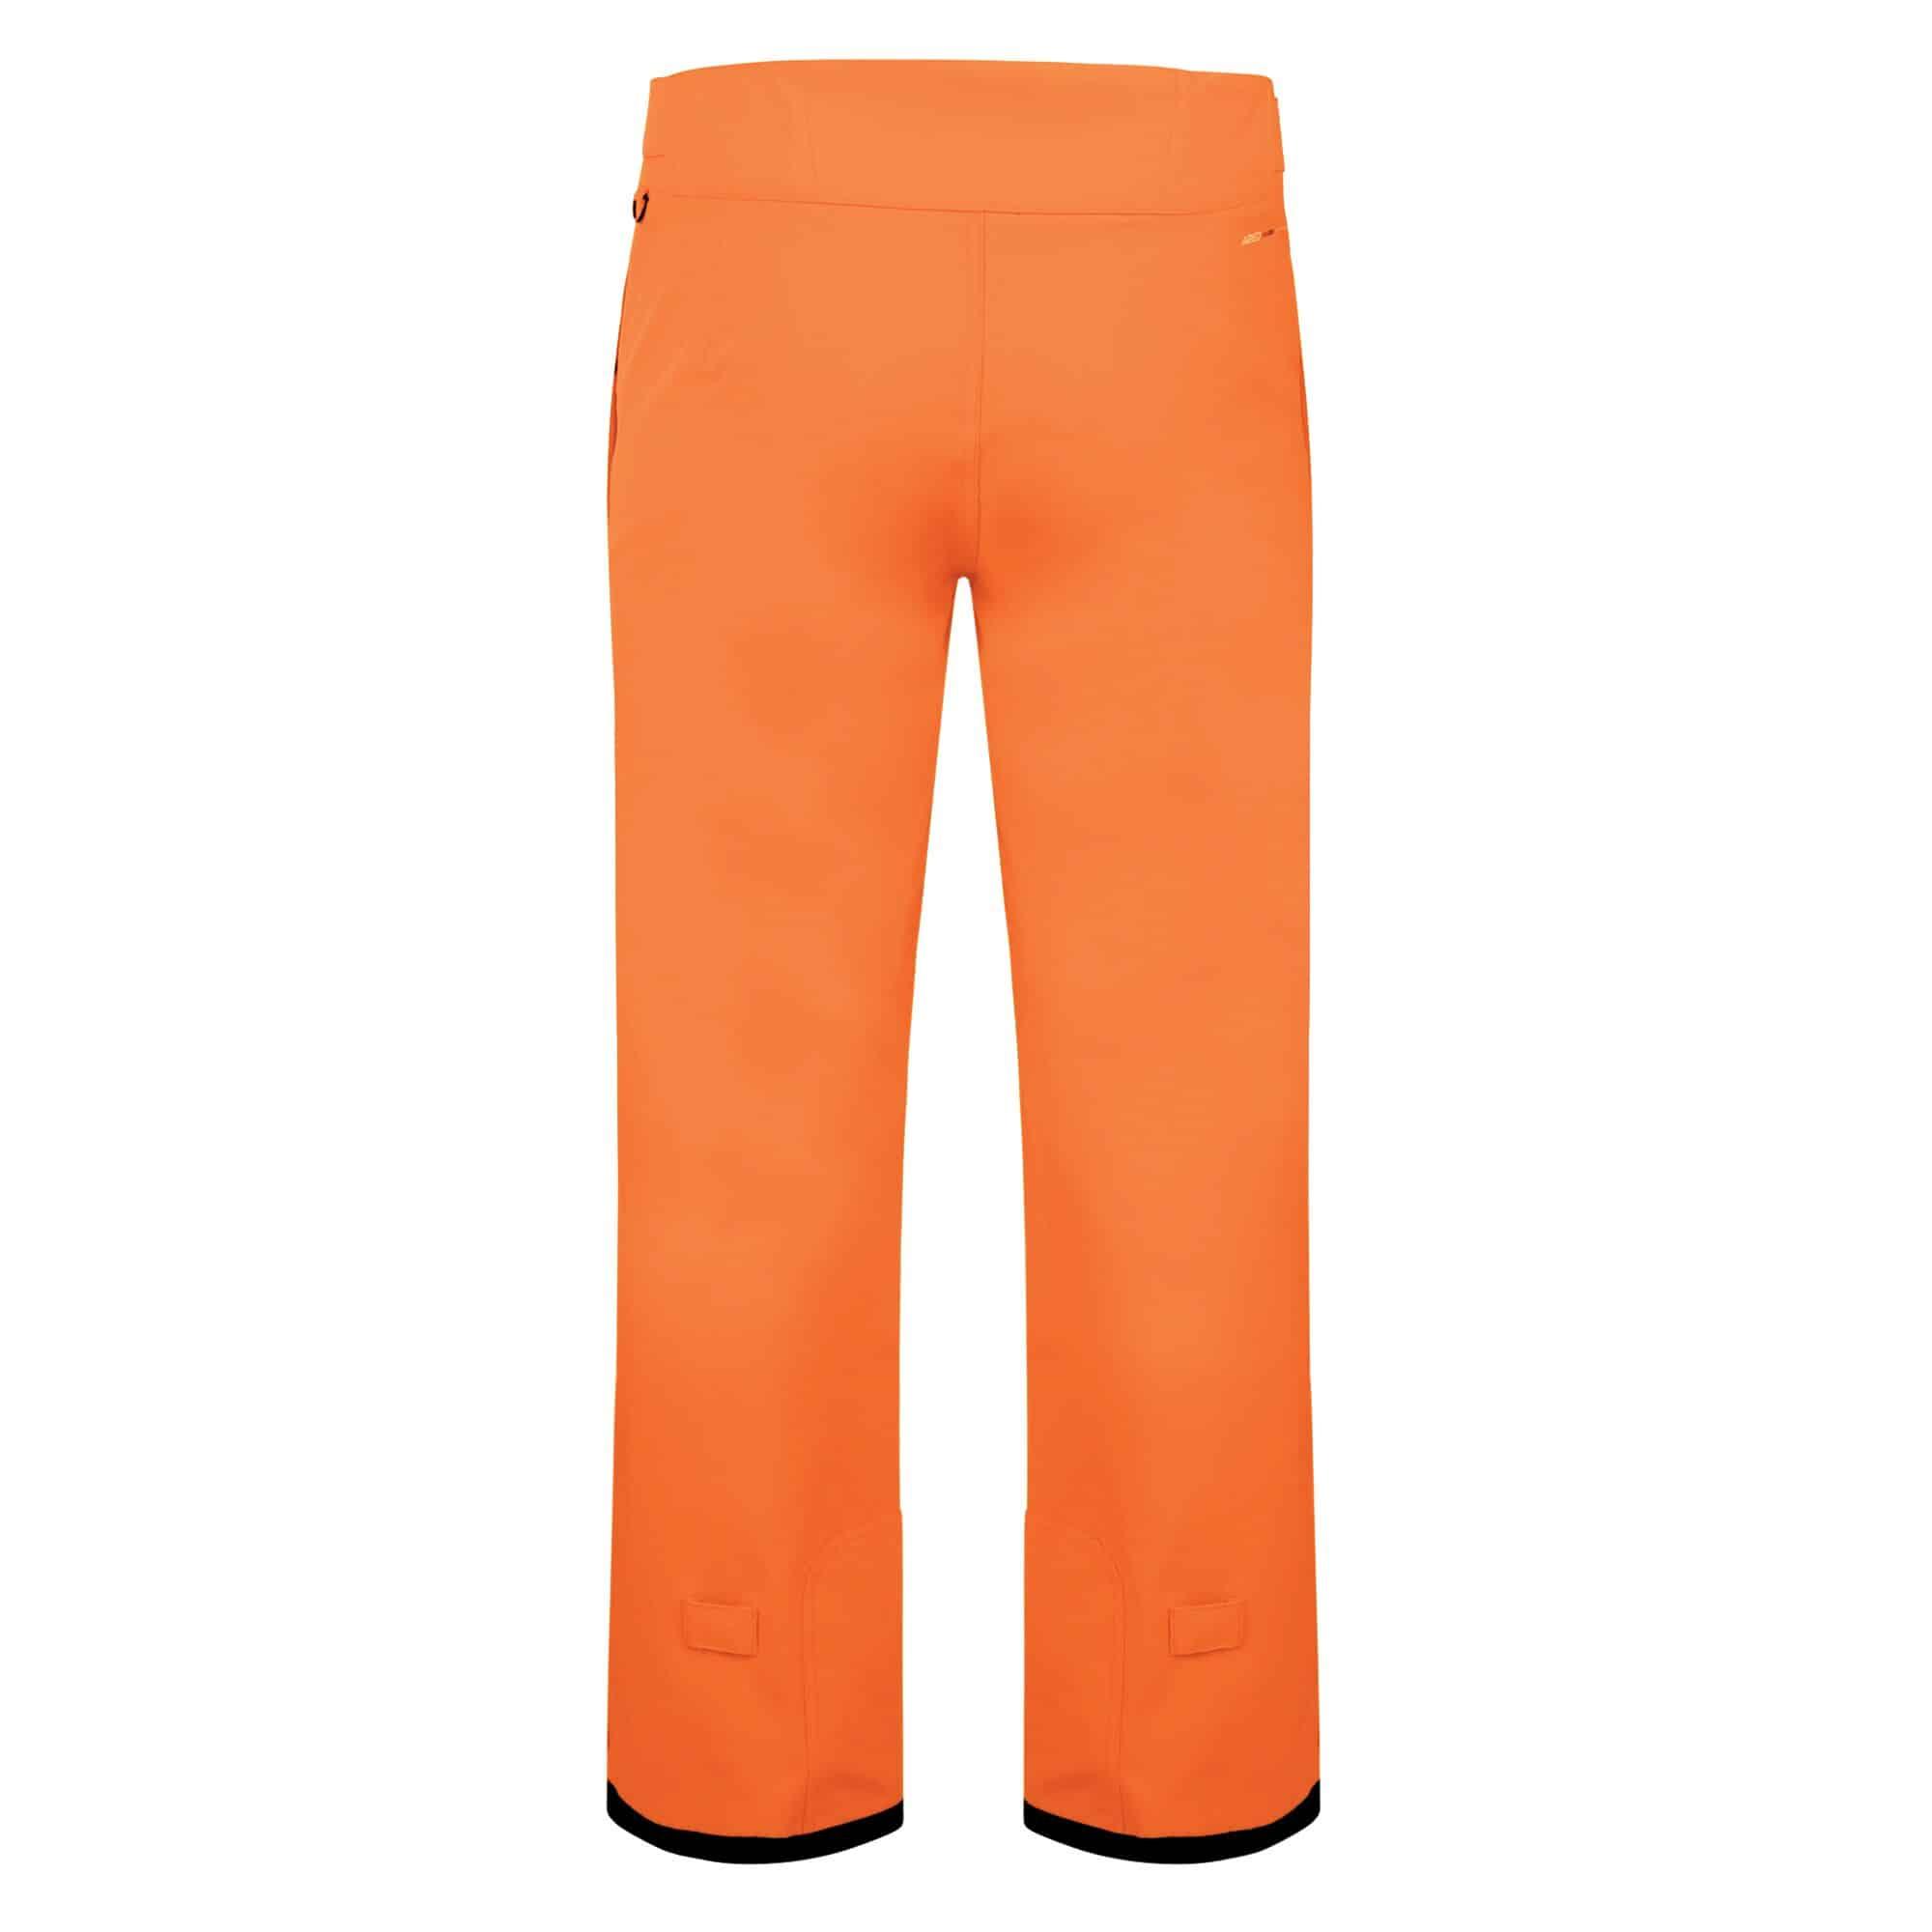 certify orange rear